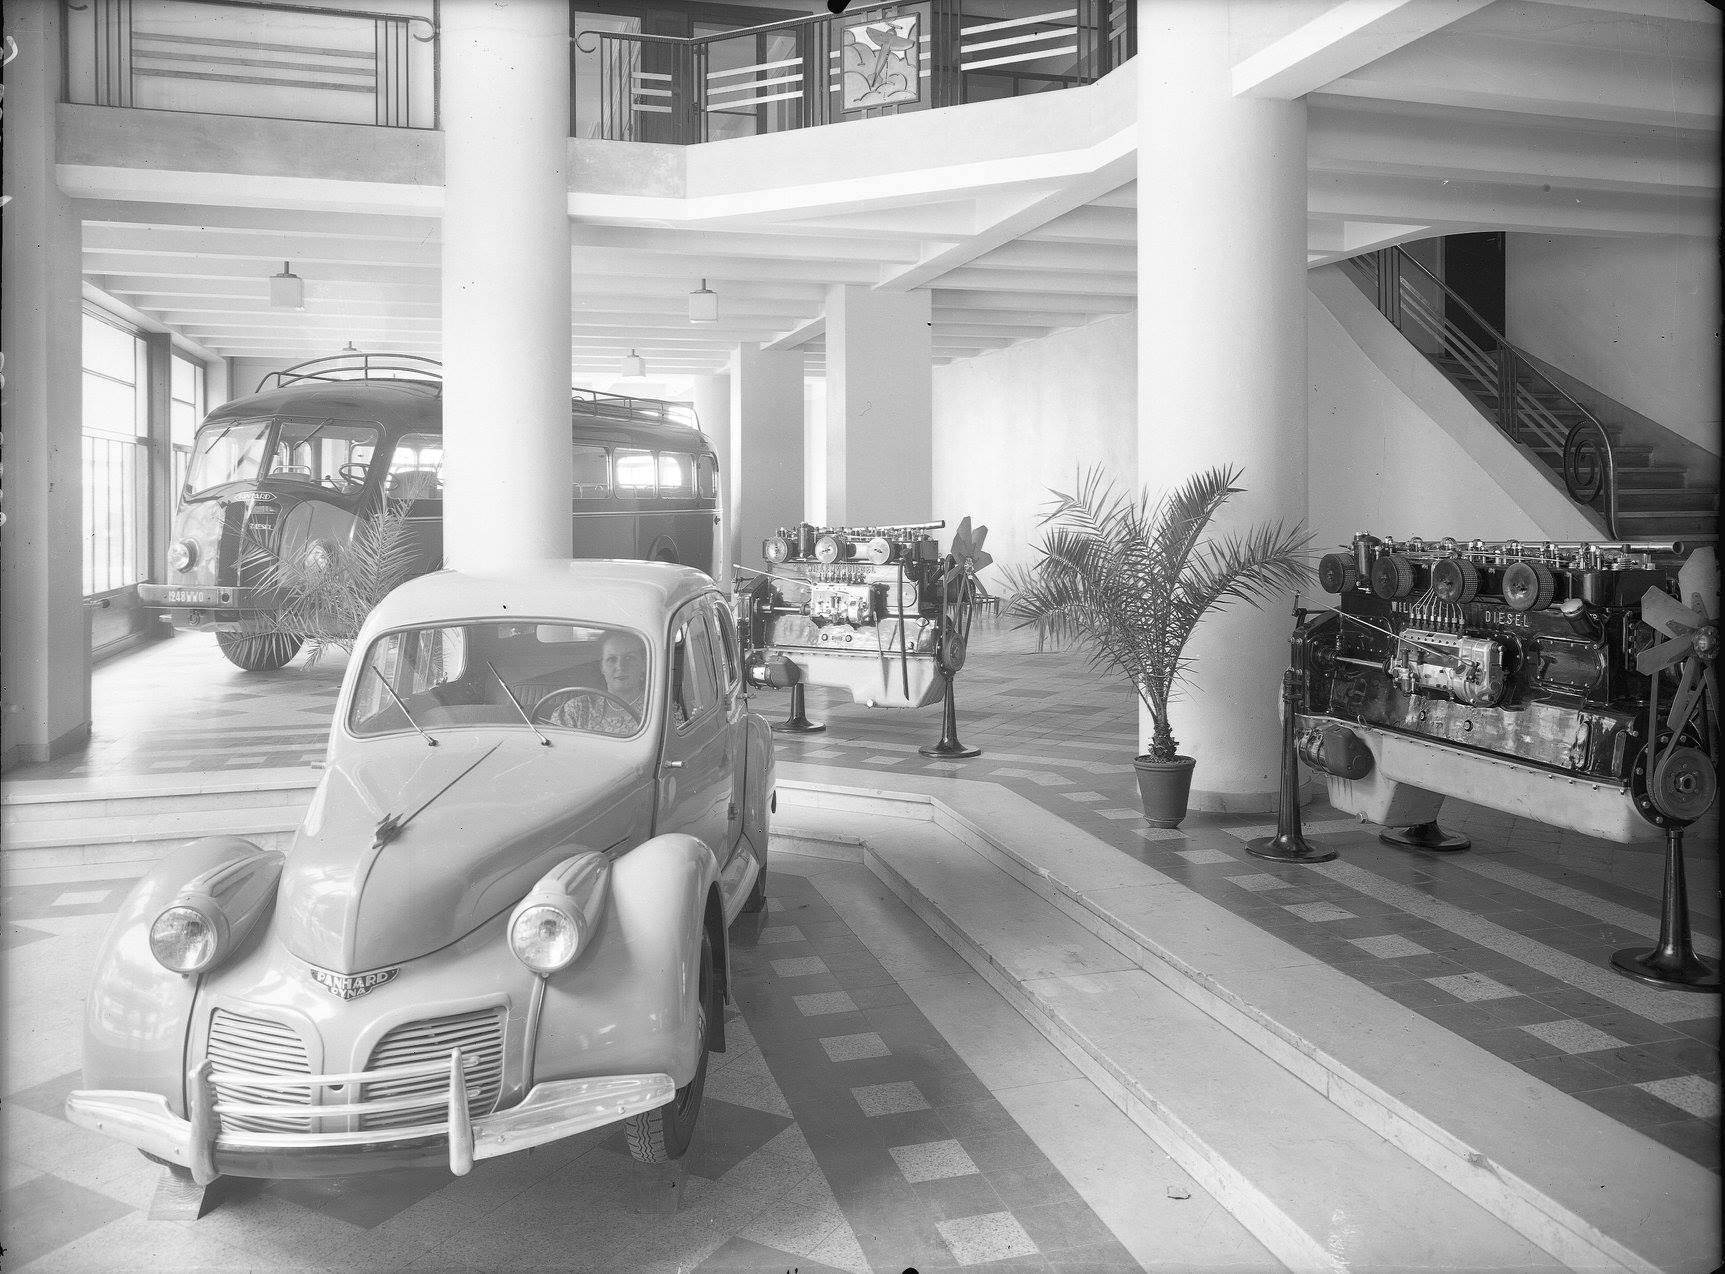 Garage-atlas-voormalig-vestiging-bollache--laroque-en-cie--65-69-avenue-van-saksen-lyon-3-e-1929-tot-1932-2